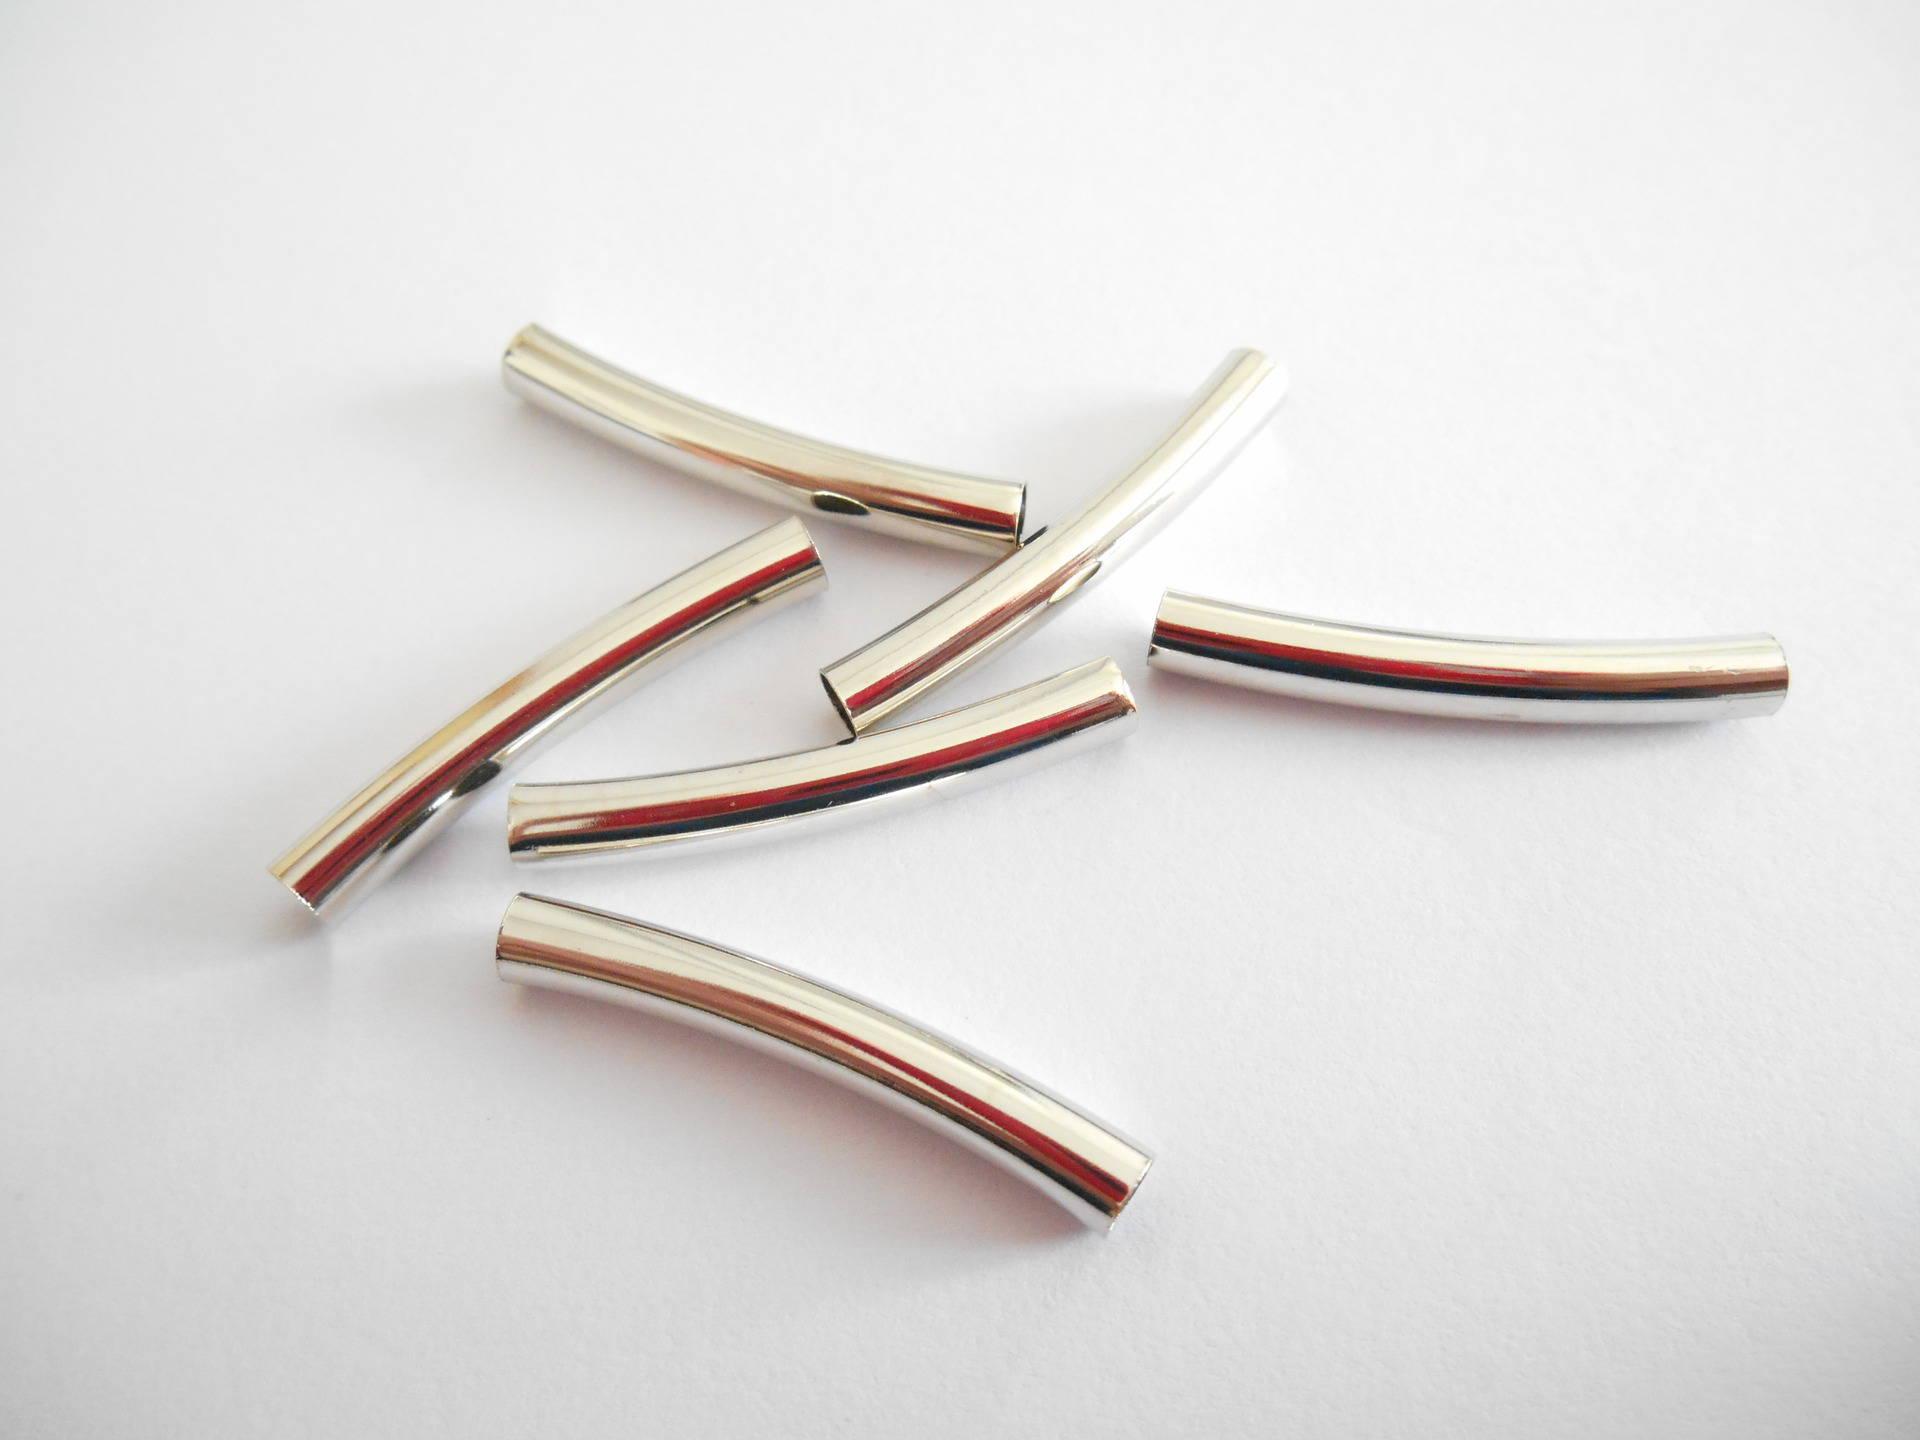 perles x 6 tubes courbés métal argenté 23 mm.